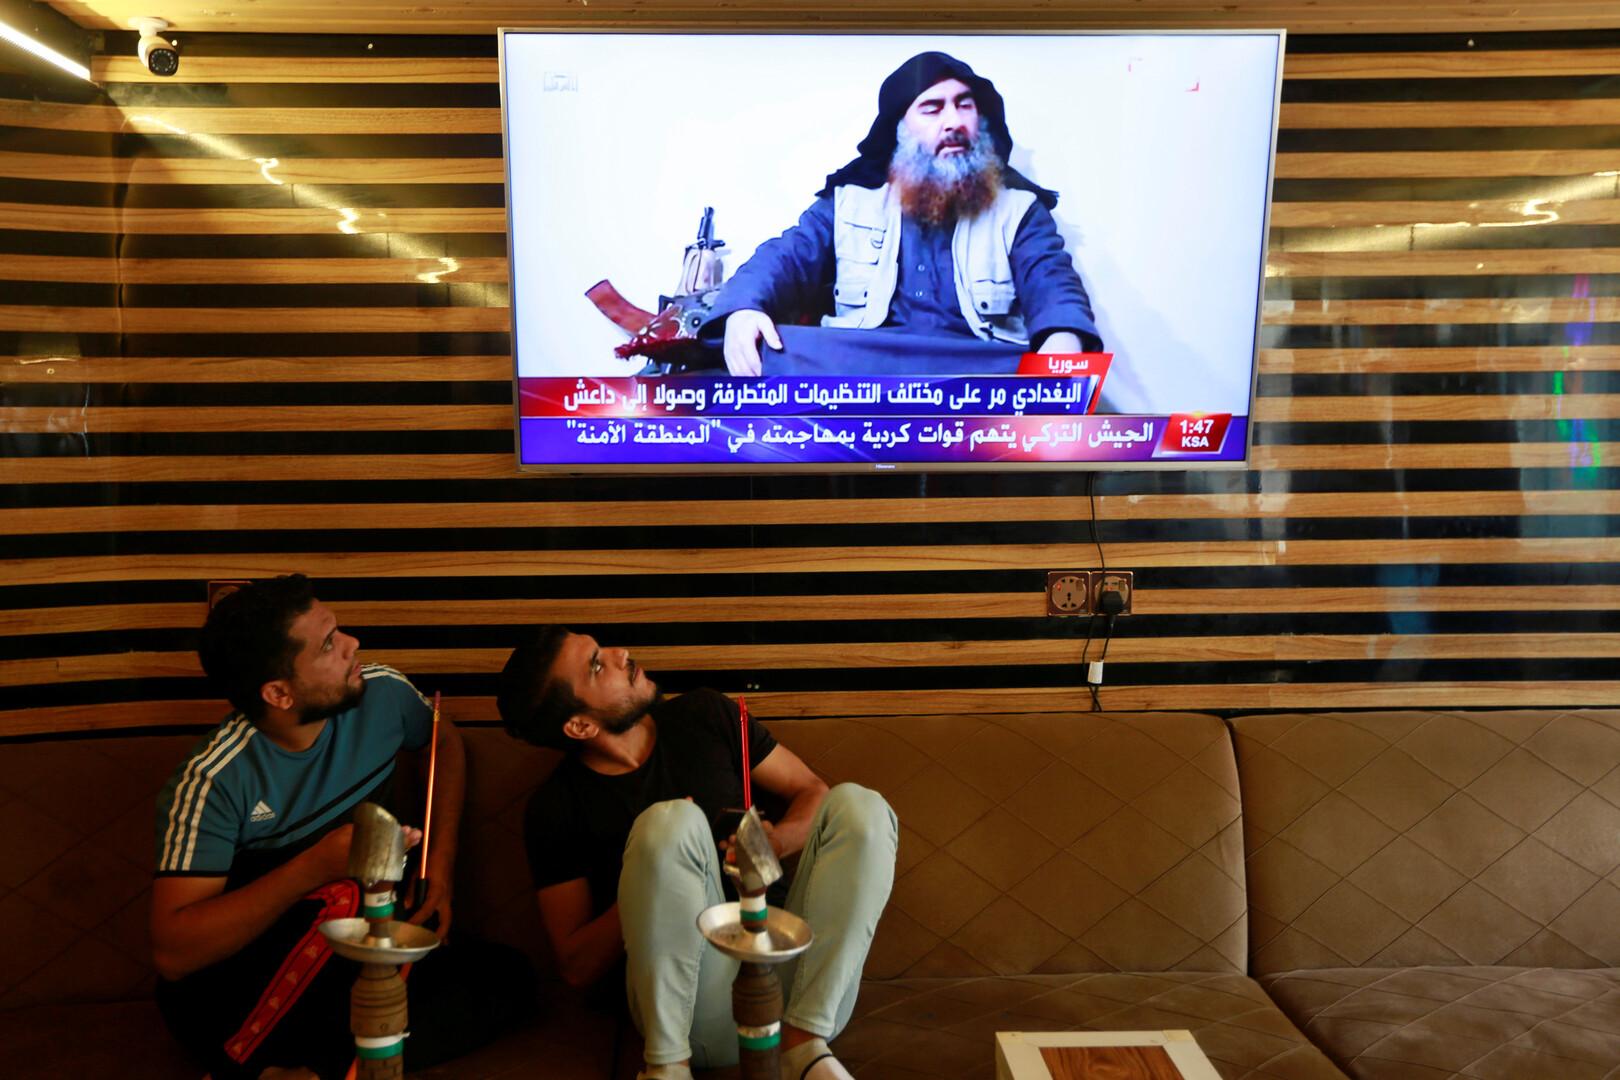 خلية الإعلام الأمني العراقي: تصفية البغدادي استندت إلى معلومات جمعها جهاز المعلومات الوطني